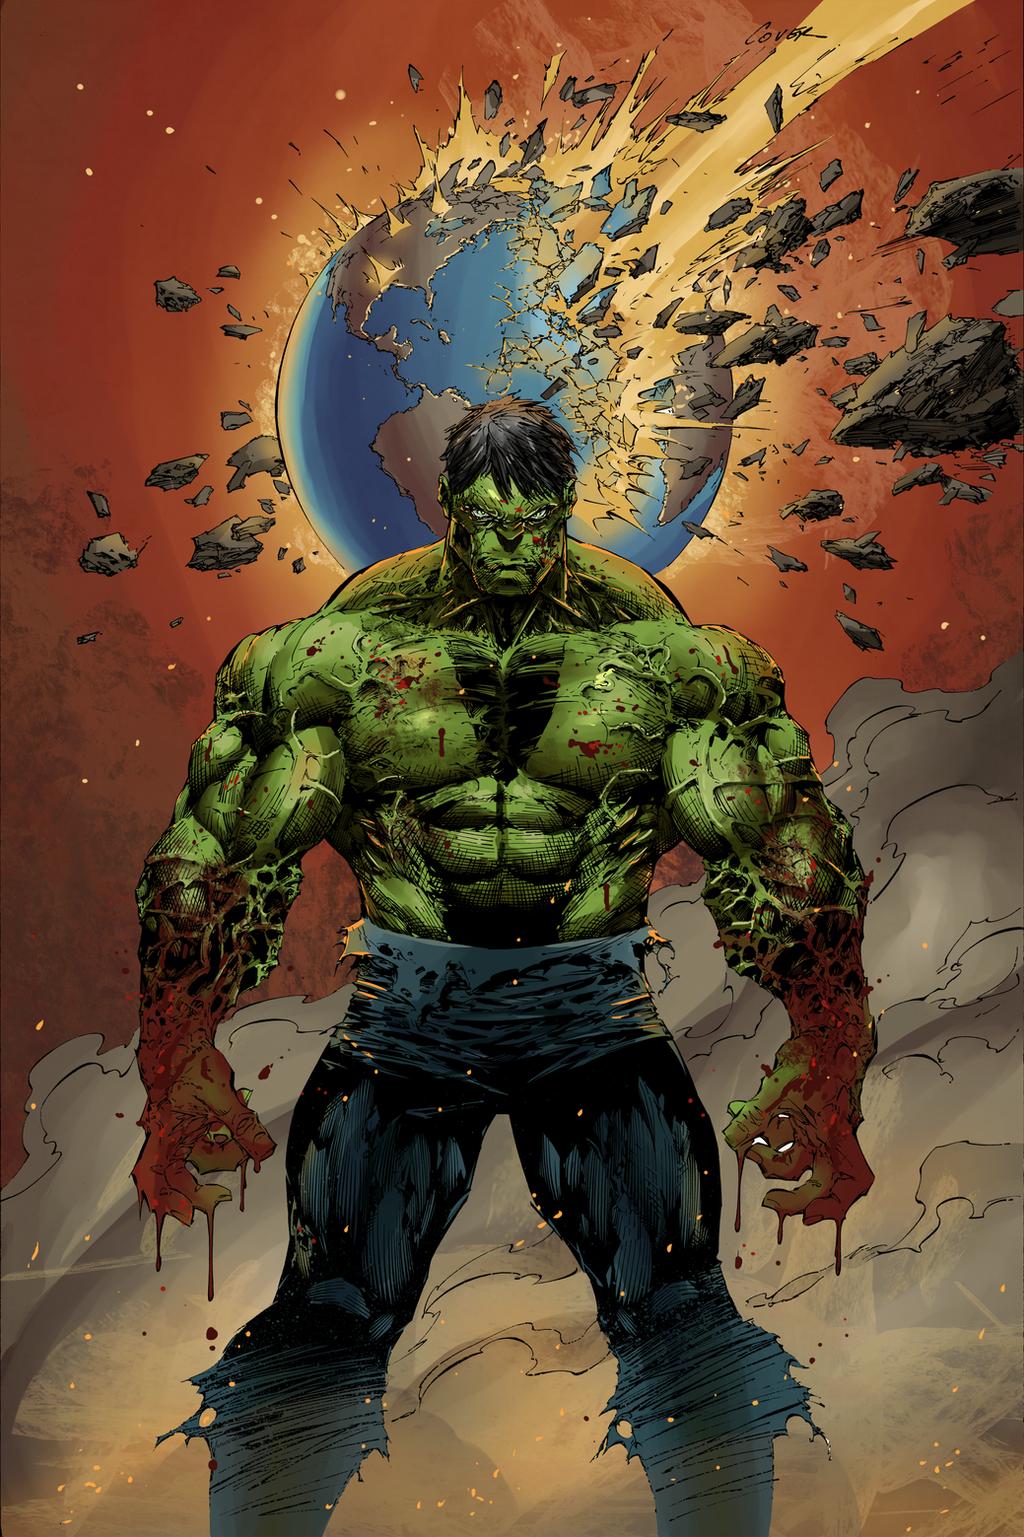 Hulk Asunder by Hitotsumami